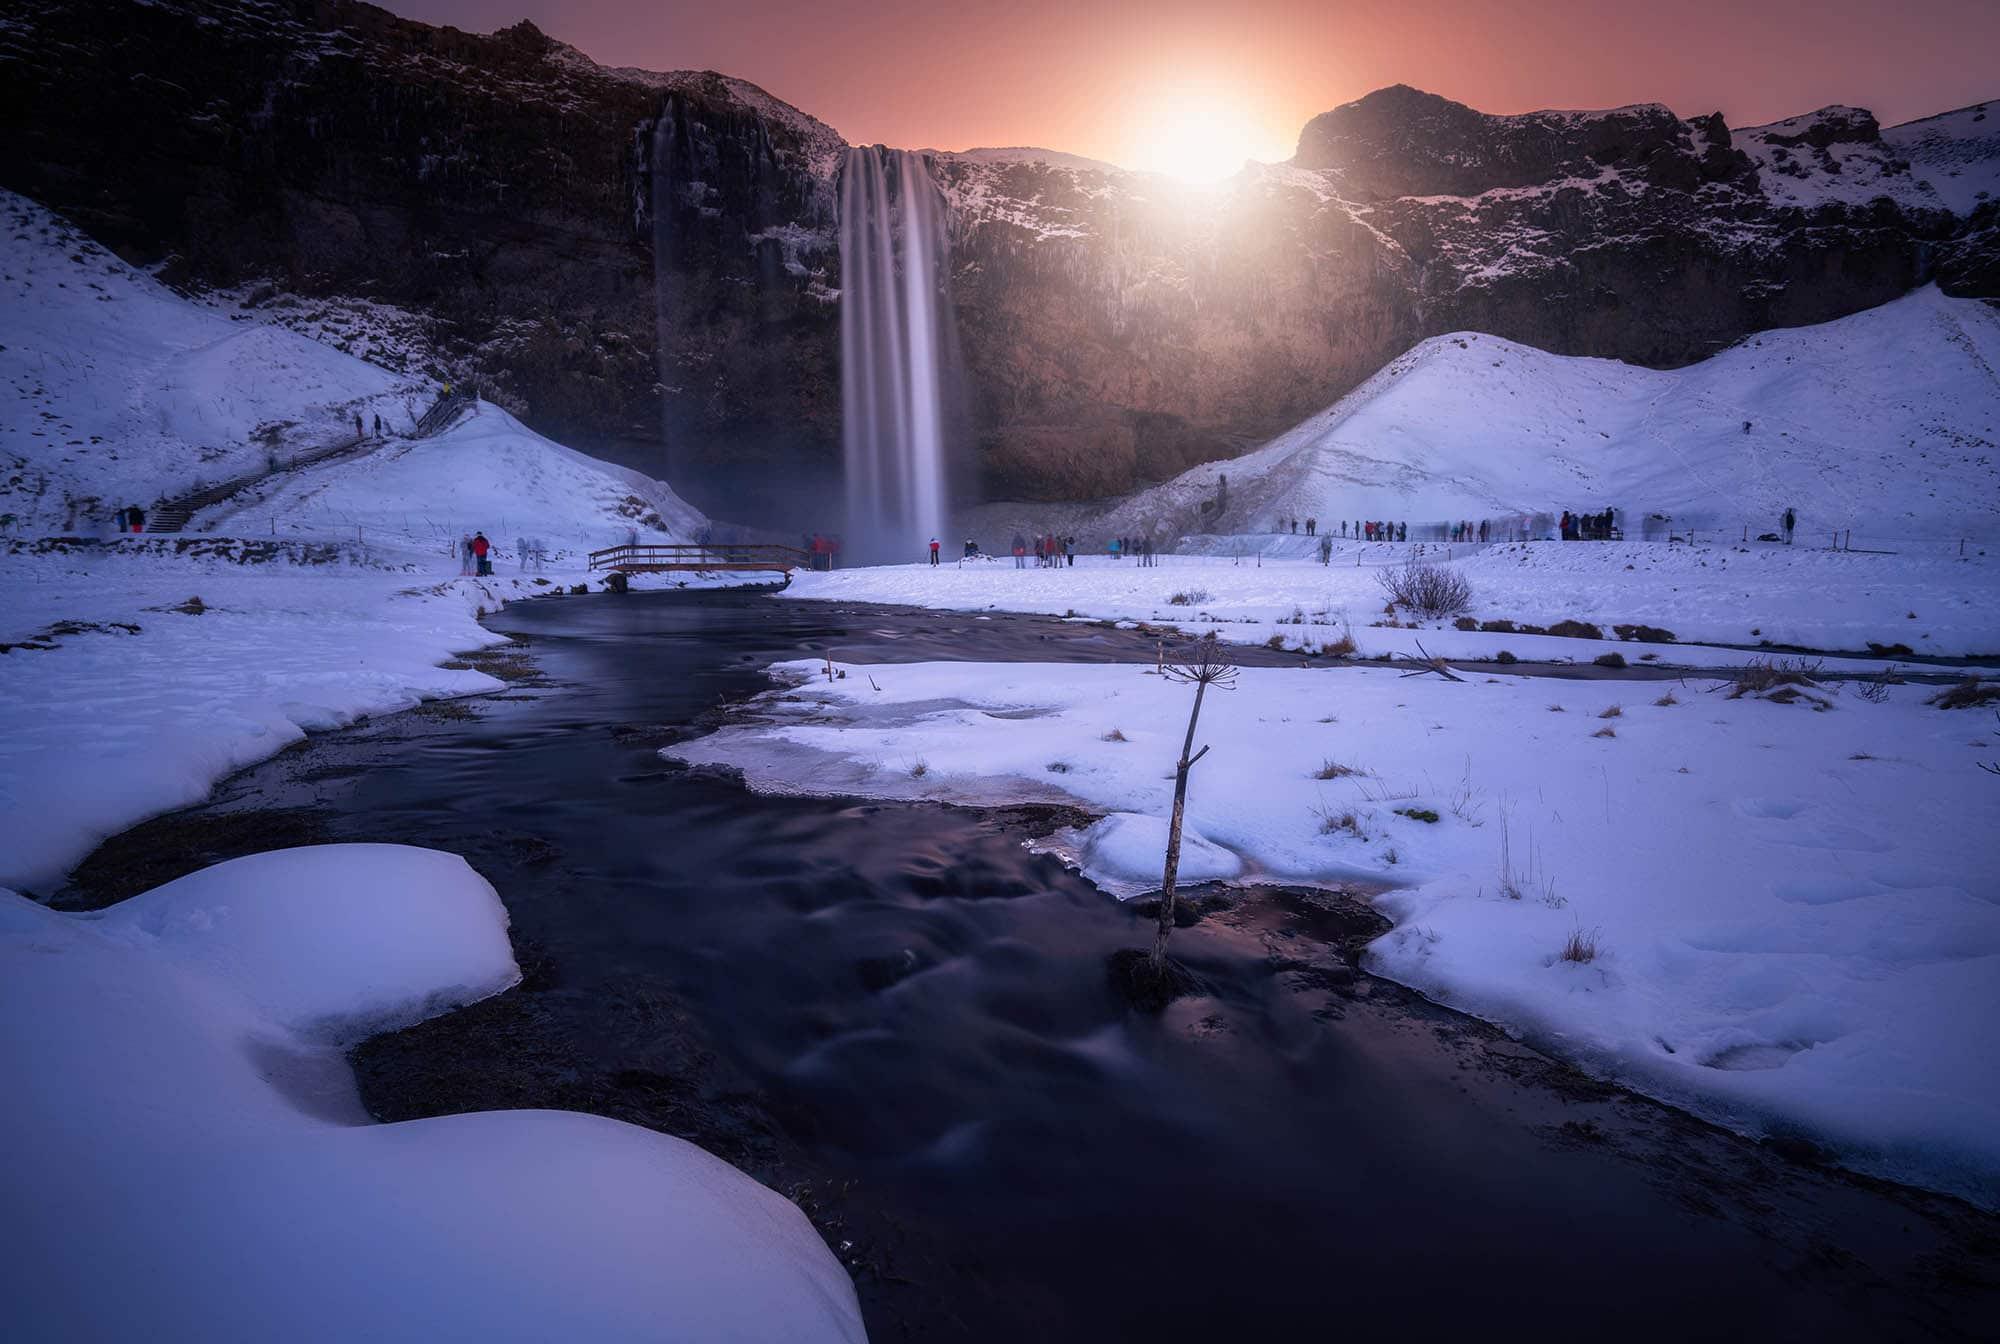 Seljalandsfoss Waterfall - South of Iceland